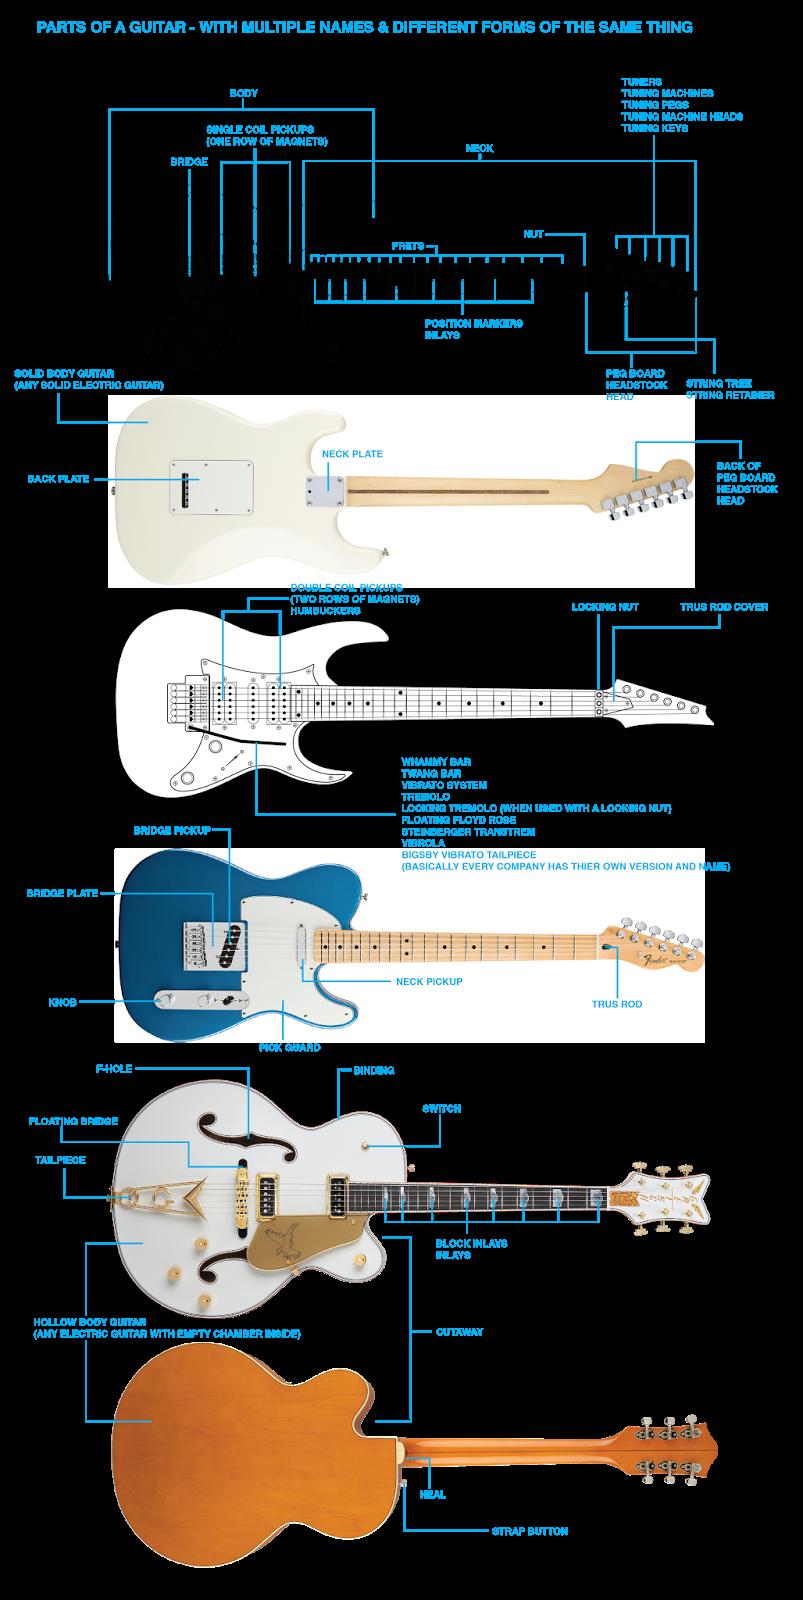 confusing parts of a guitar [ 803 x 1600 Pixel ]